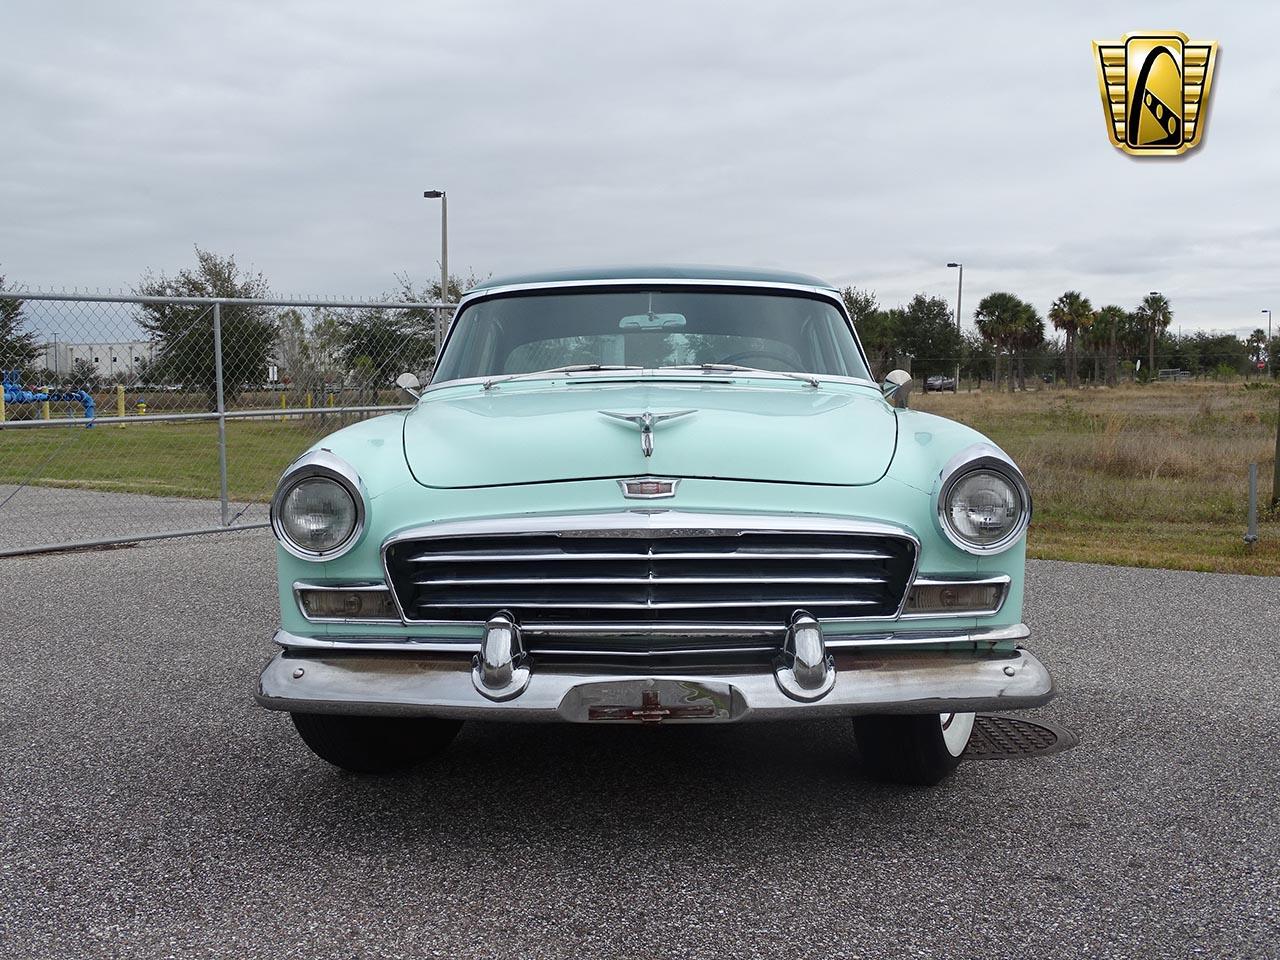 1956 Chrysler Windsor 22